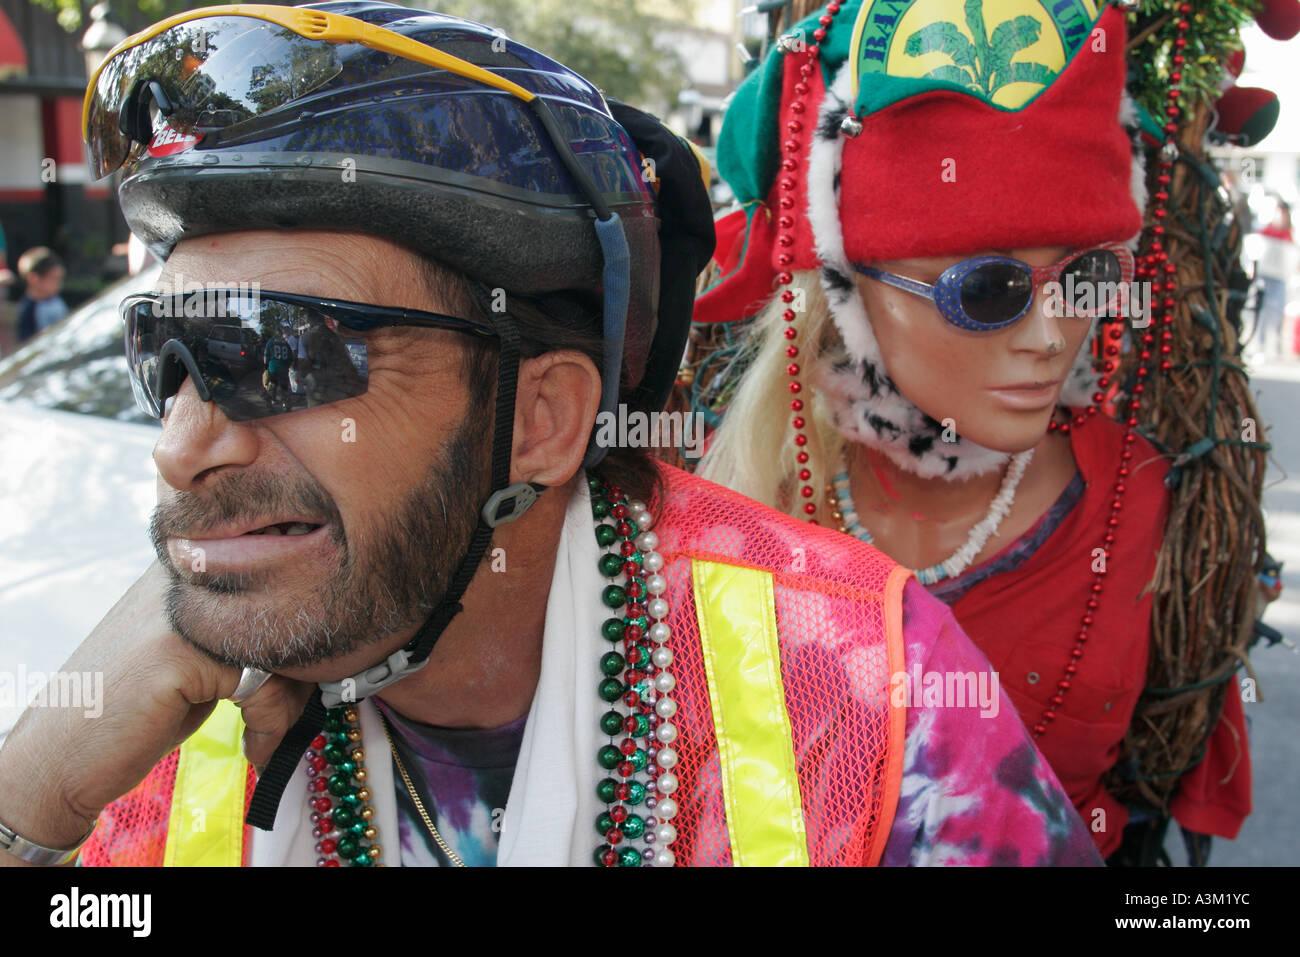 Coconut Grove Florida re del puntone di Mango annuale parata satira parodia  uomo ringhio mannequin perle 3616ace8a011